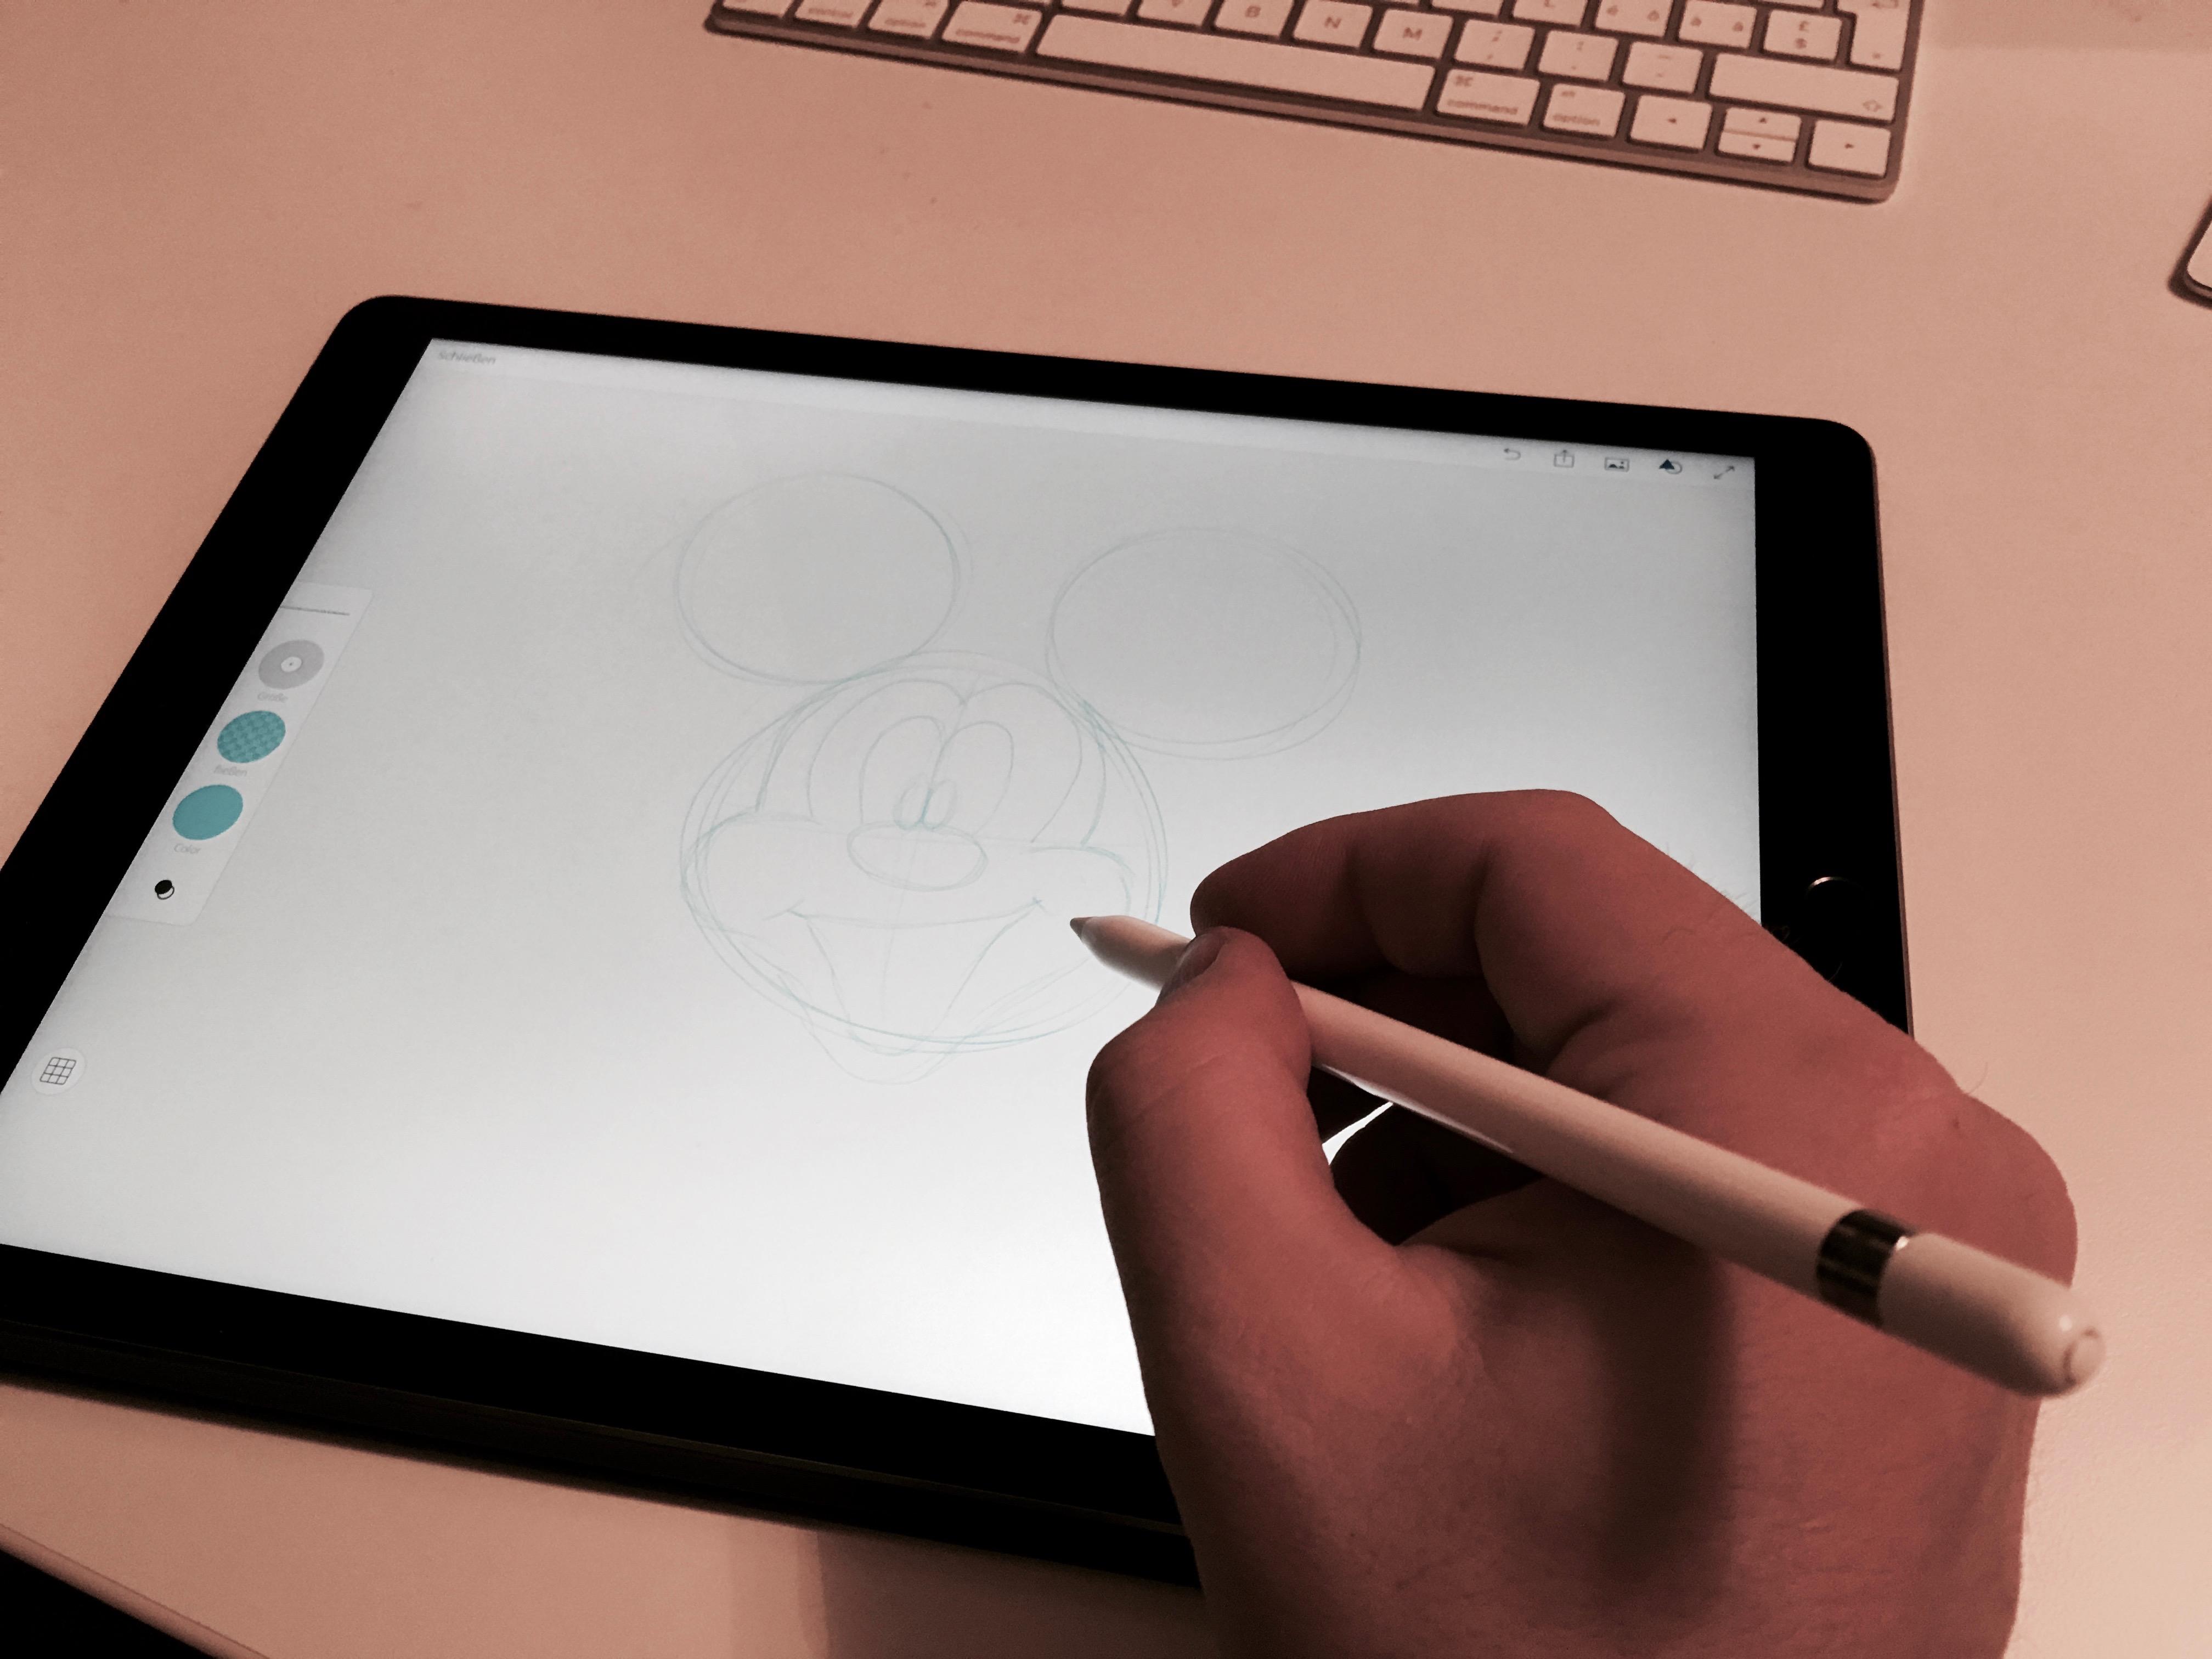 Mein erster Eindruck: iPad Pro und Apple Pencil.